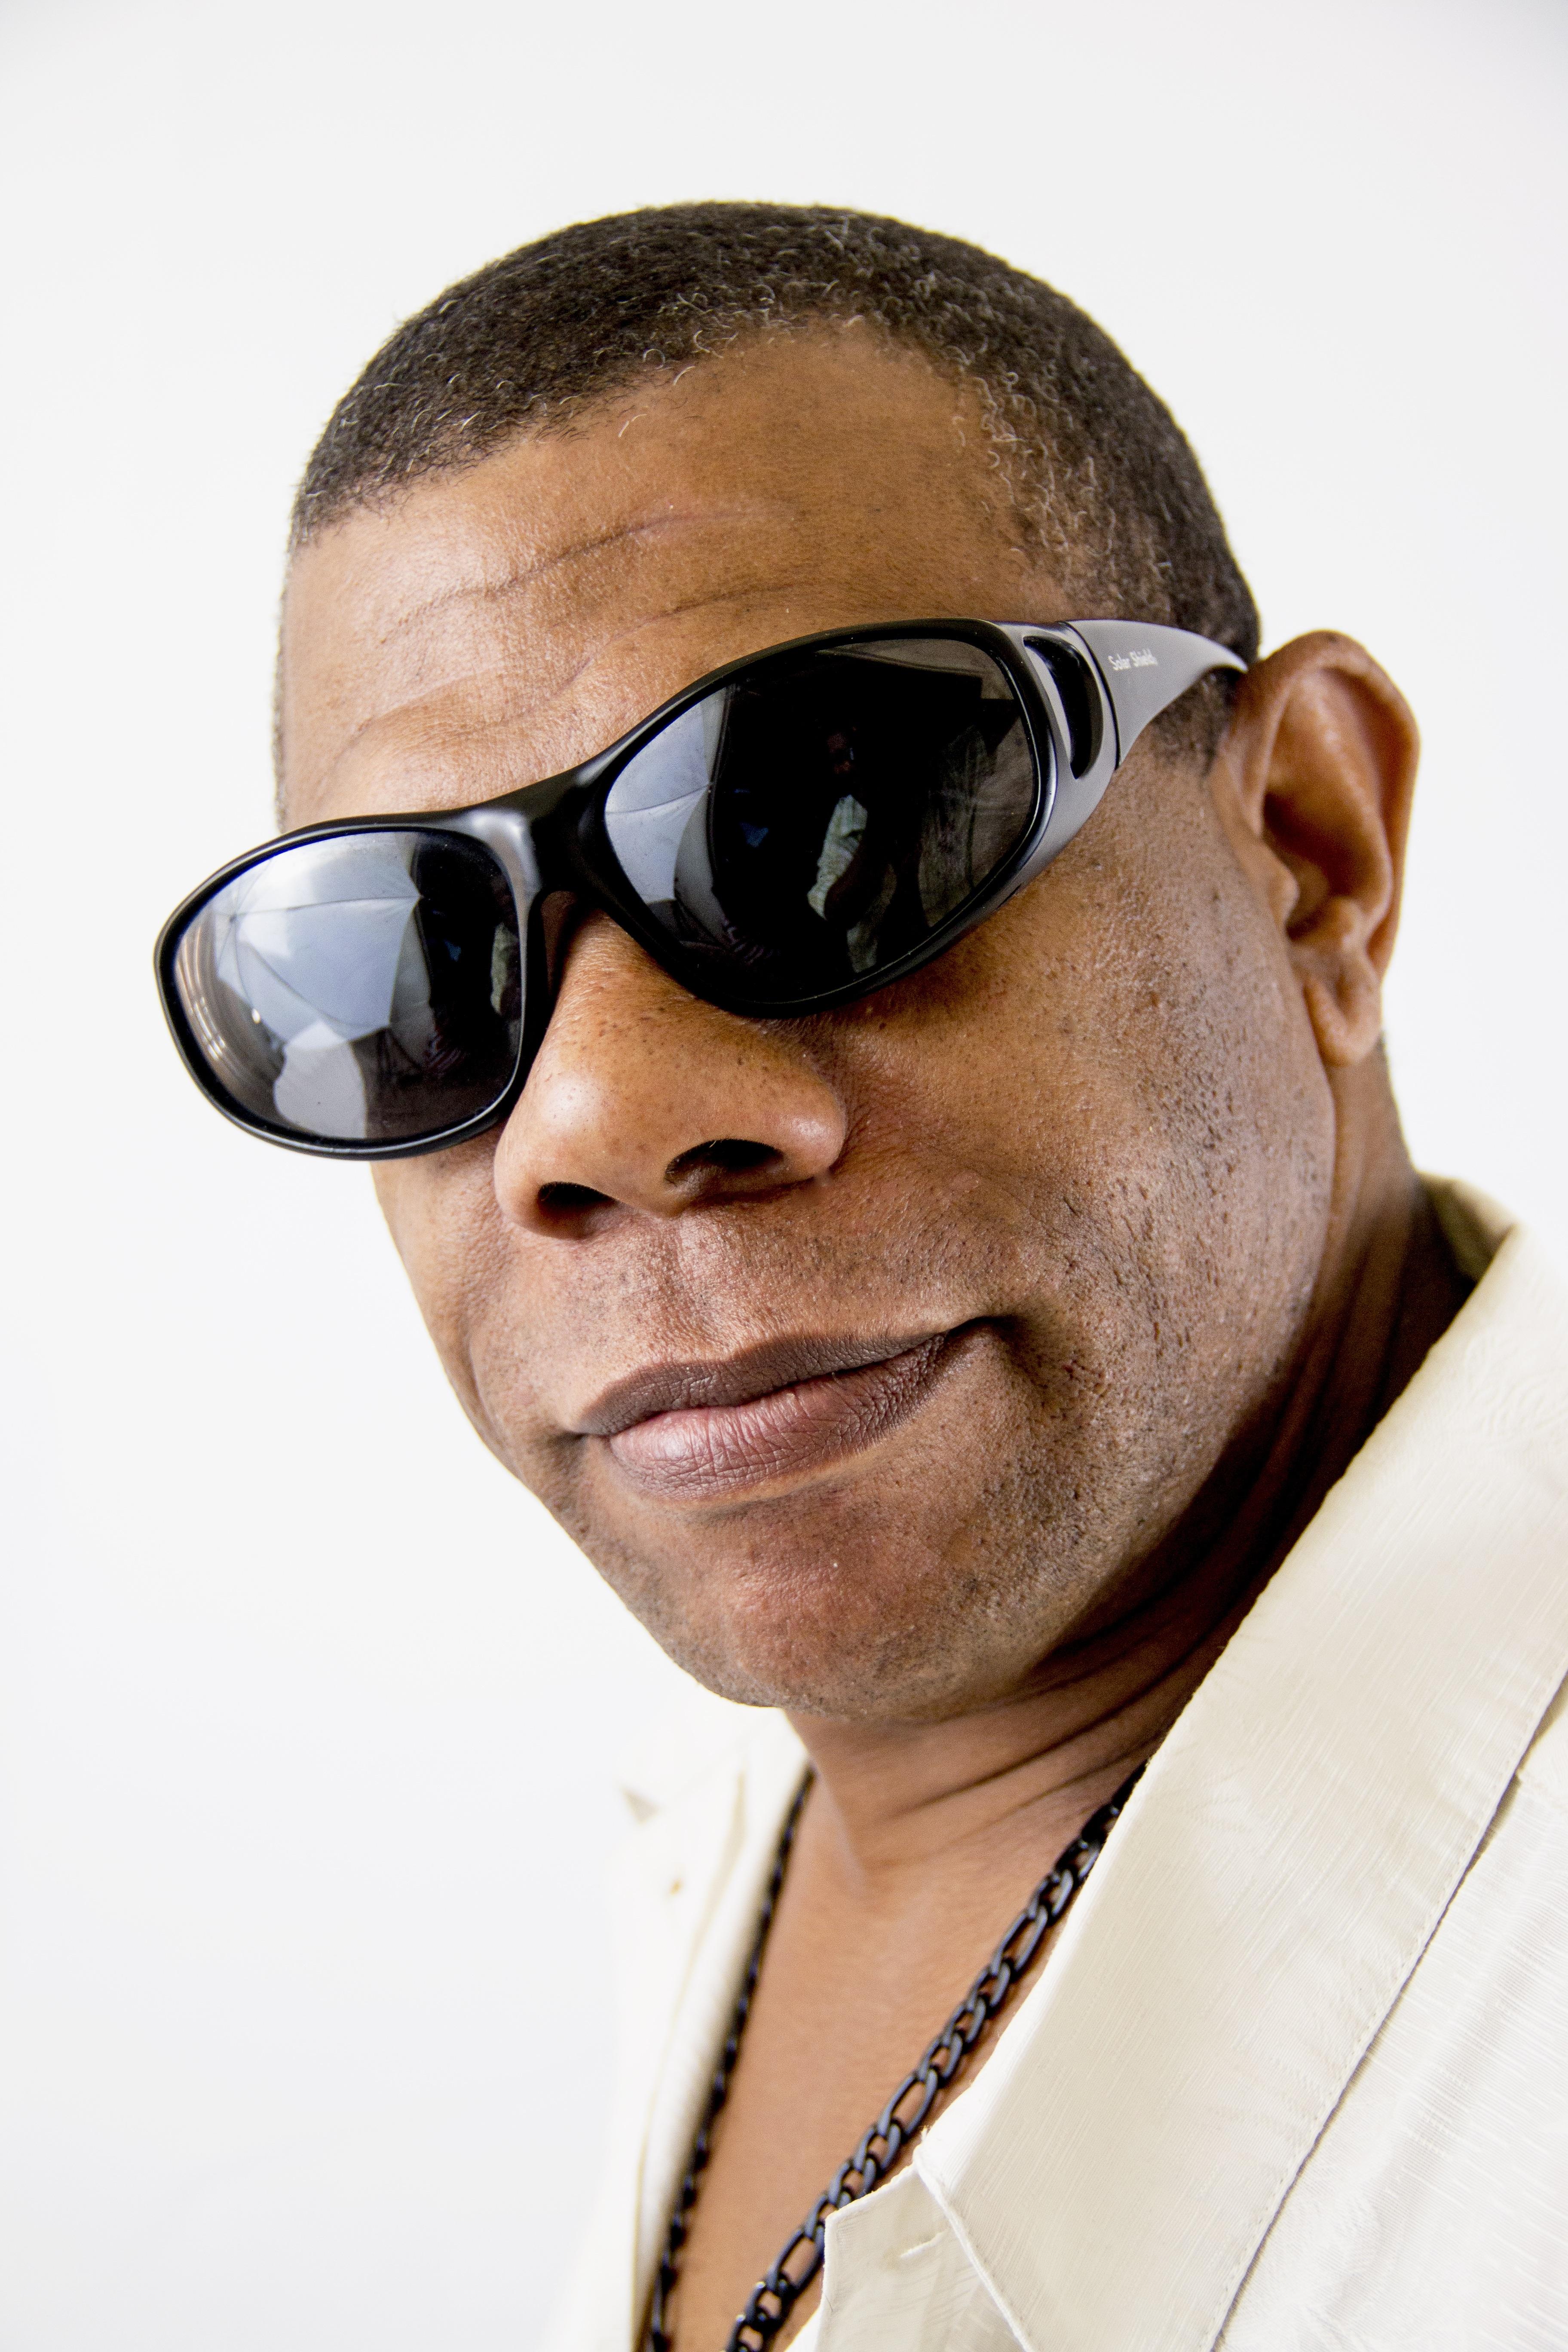 manusia orang rambut pria potret model hairstyle hidung kacamata hitam  kacamata kumis kacamata tampan nuansa menarik 0b0044b77c